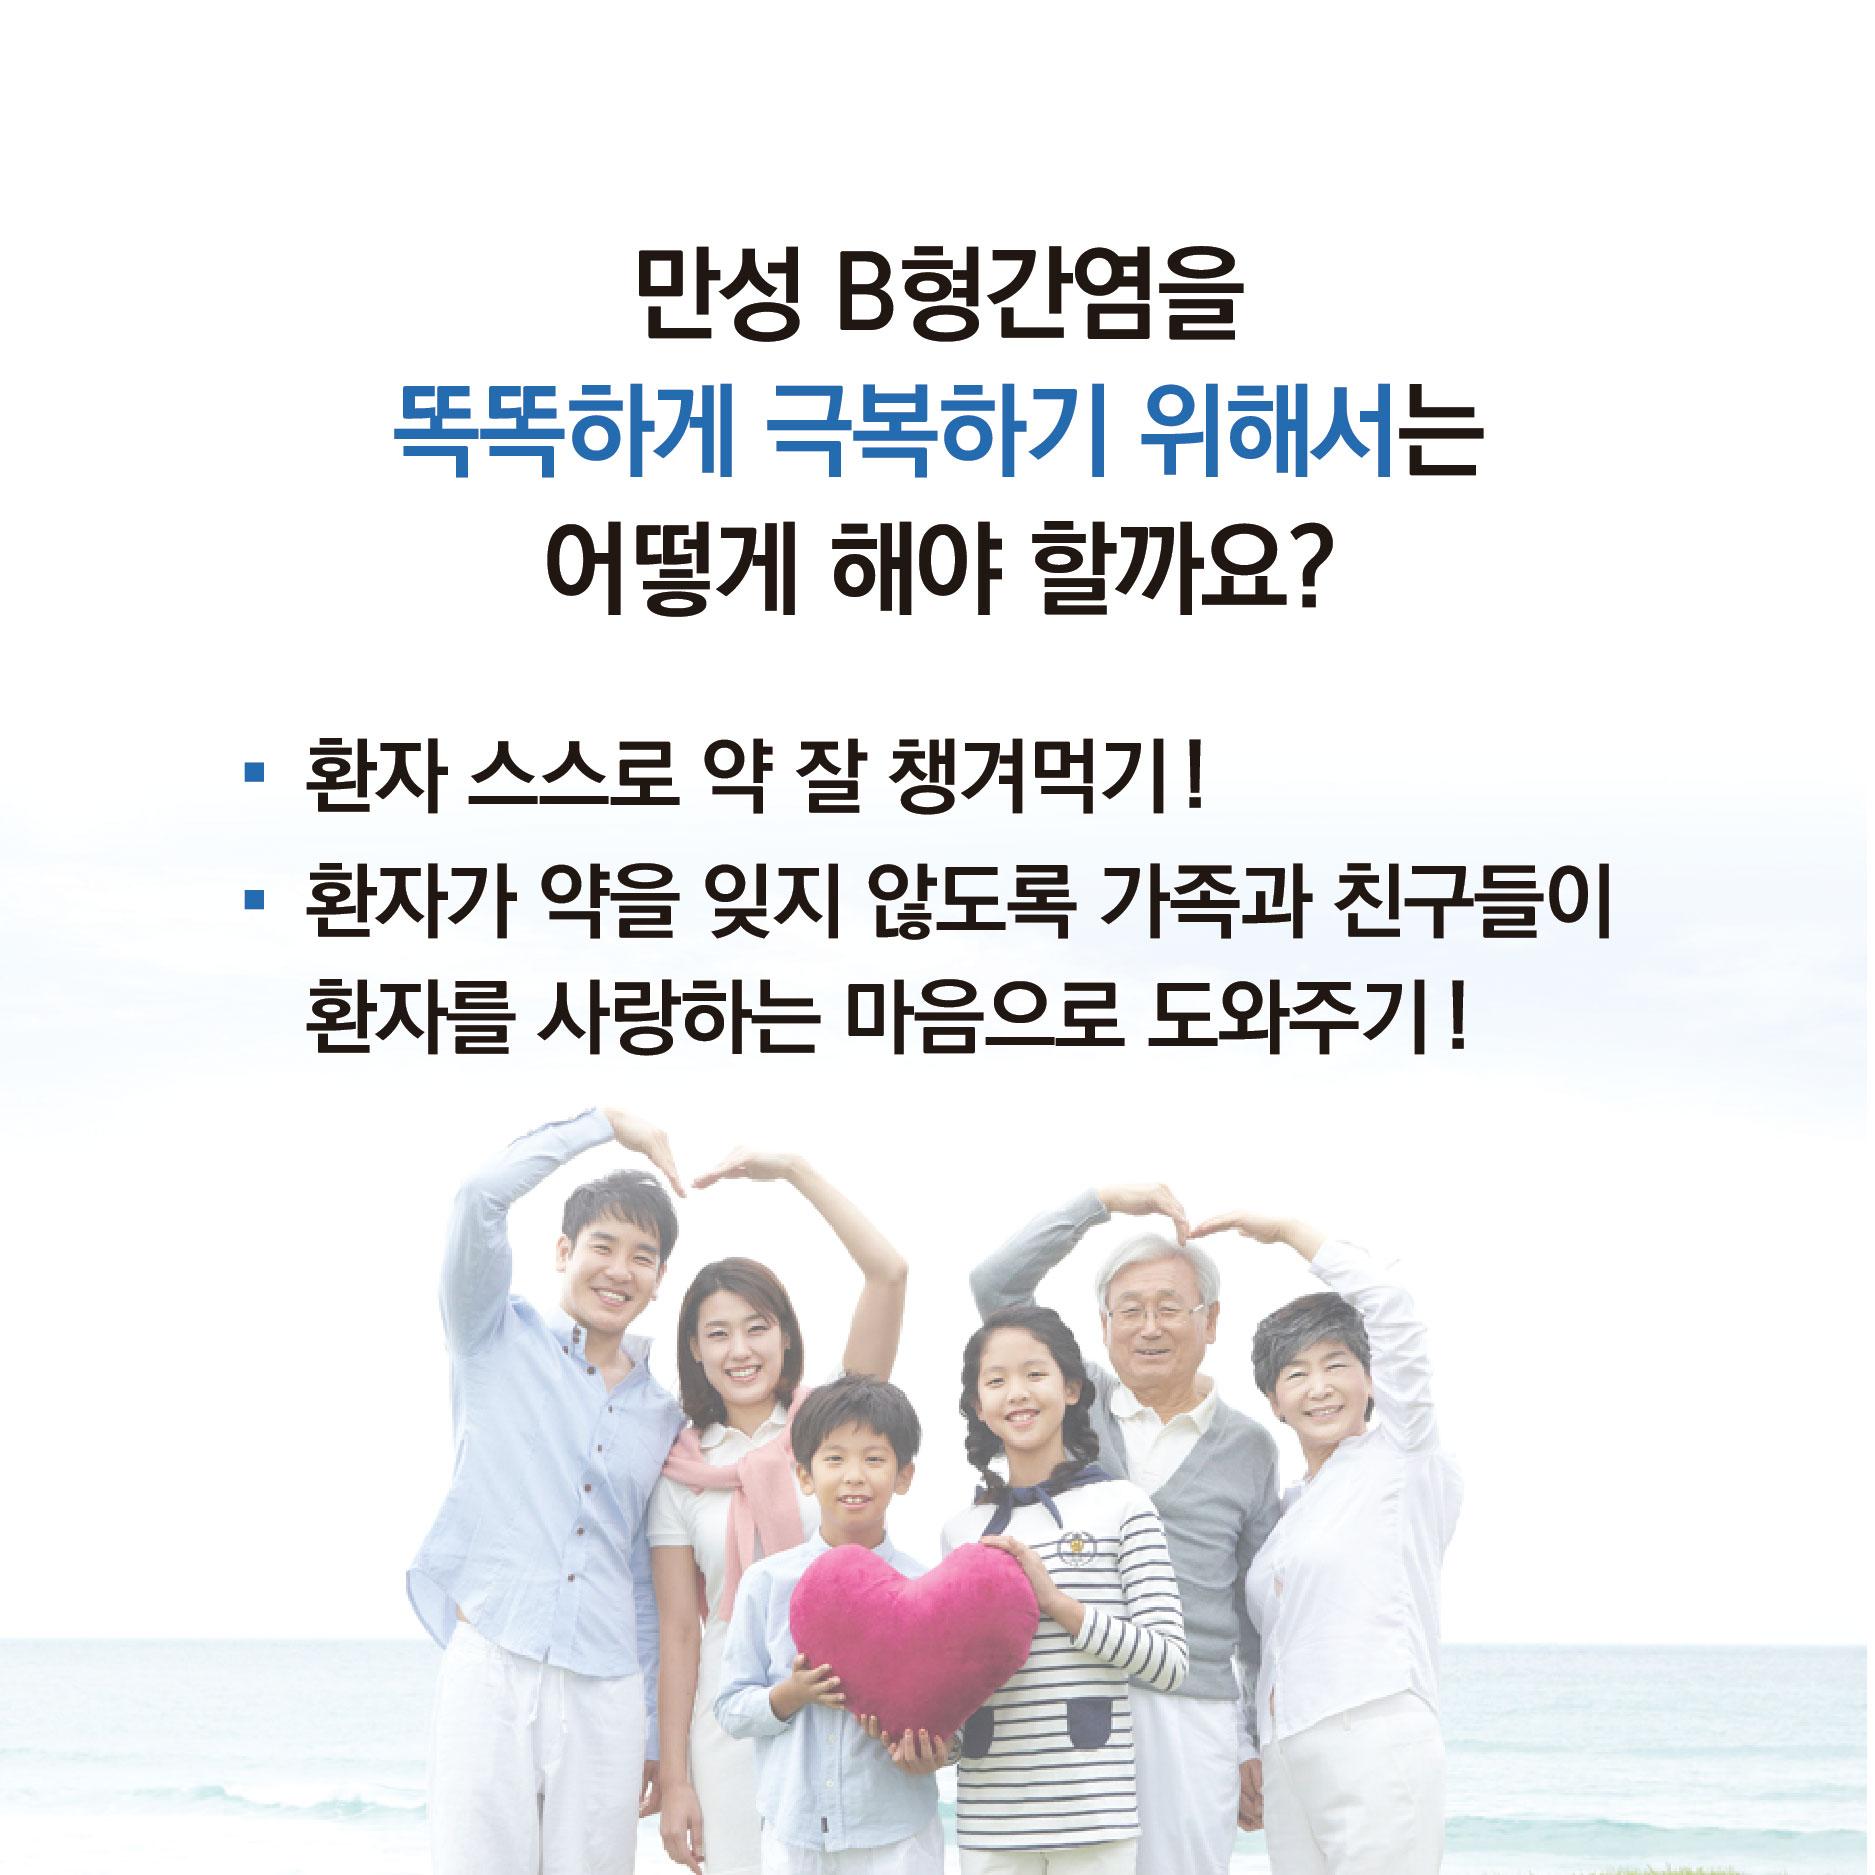 B형간염 카드뉴스11.jpg